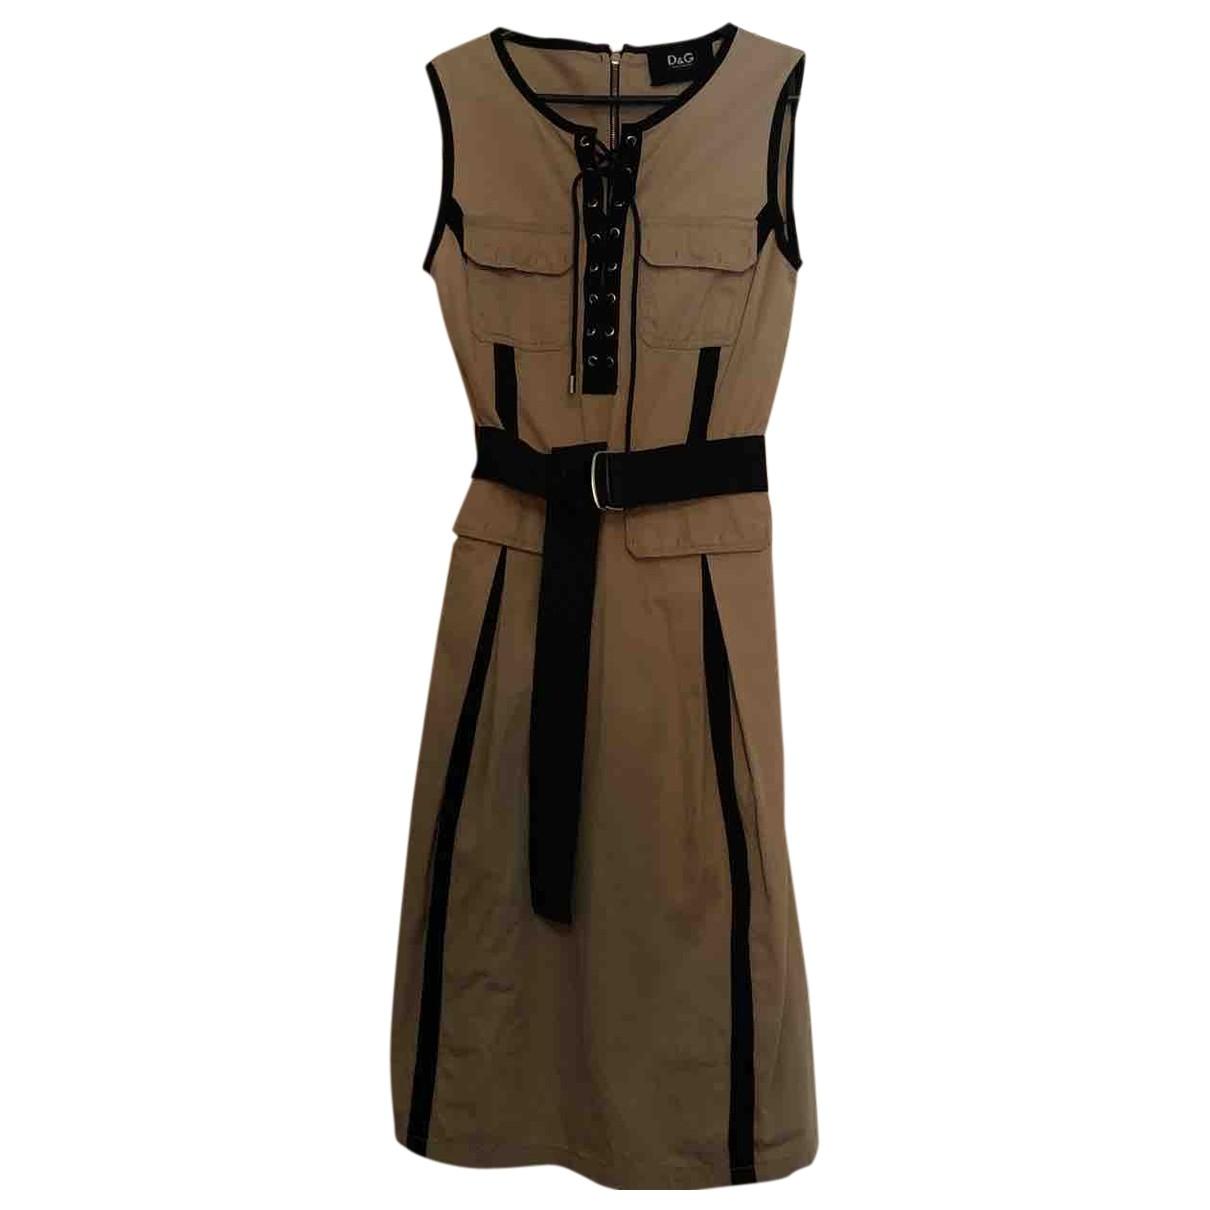 D&g \N Kleid in Baumwolle